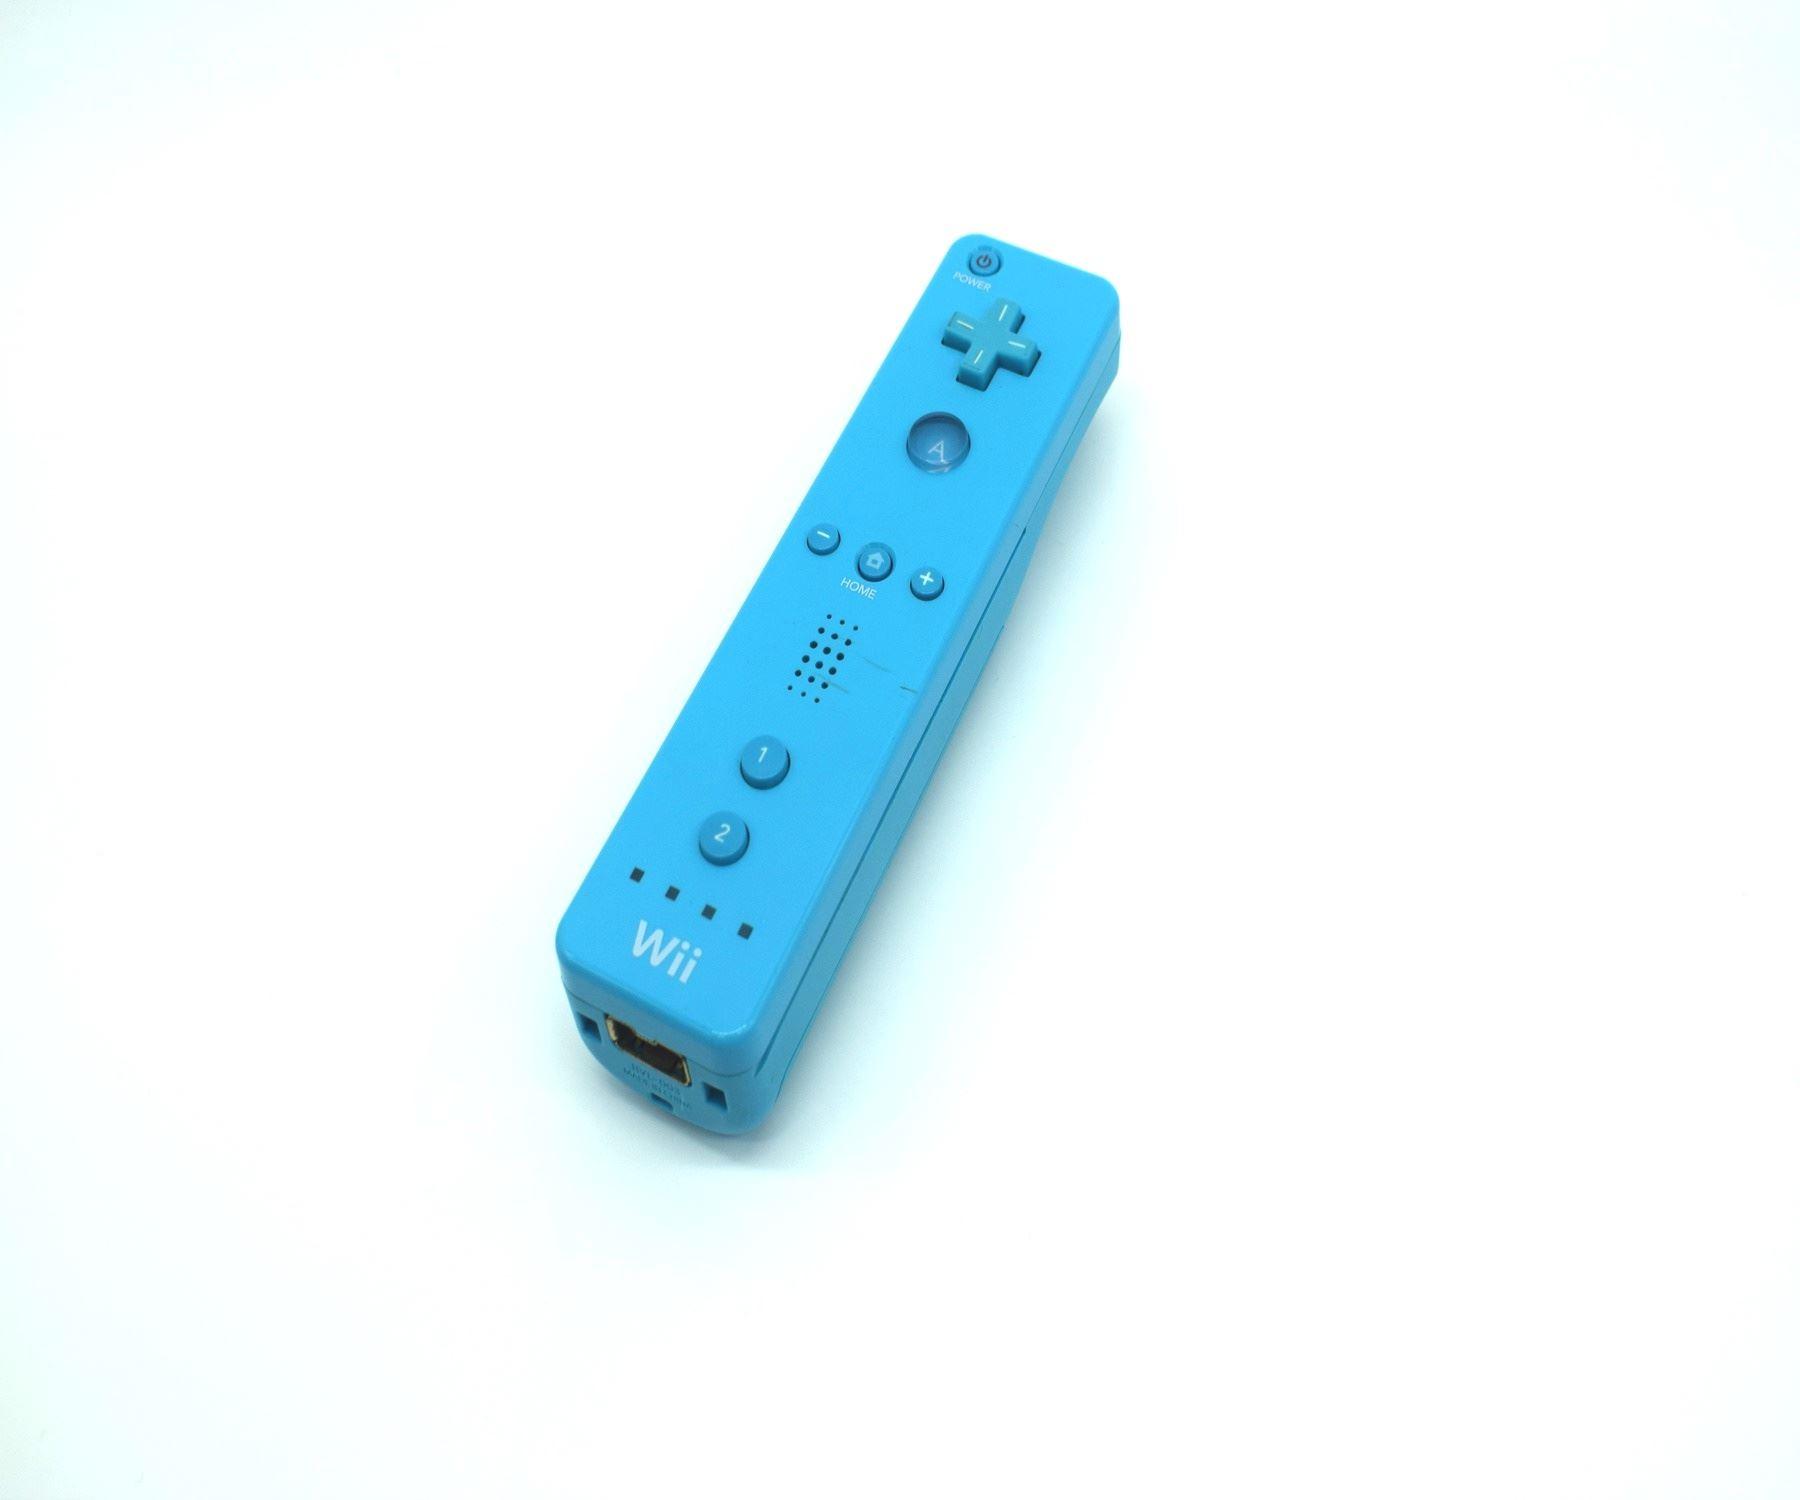 Official-Nintendo-Wii-amp-Remote-U-Plus-Genuine-Original-Controller miniatuur 80